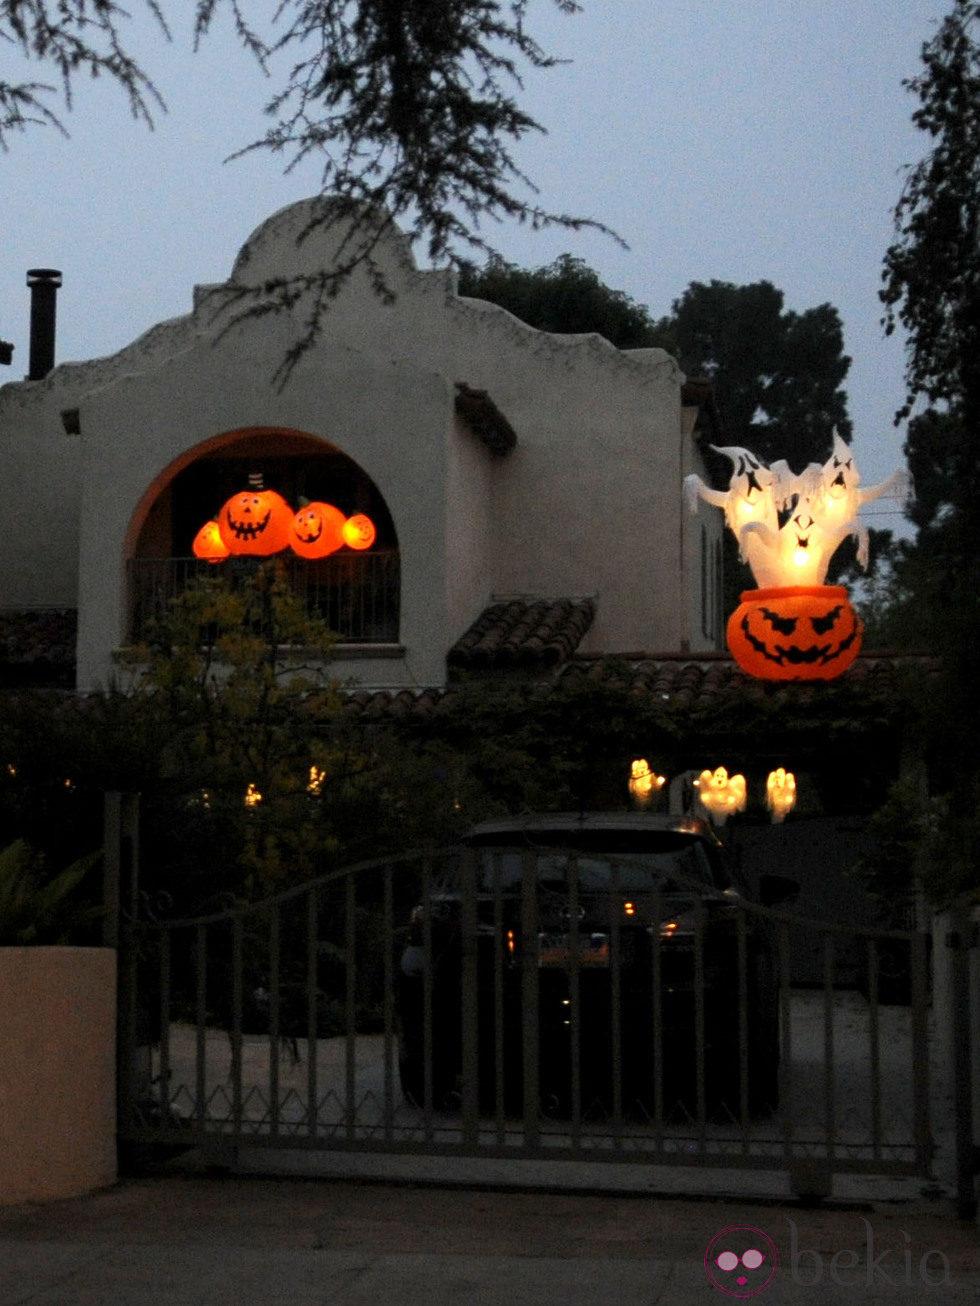 Decoraci n de halloween en la casa de alyson hannigan - Decoracion de halloween para casas ...